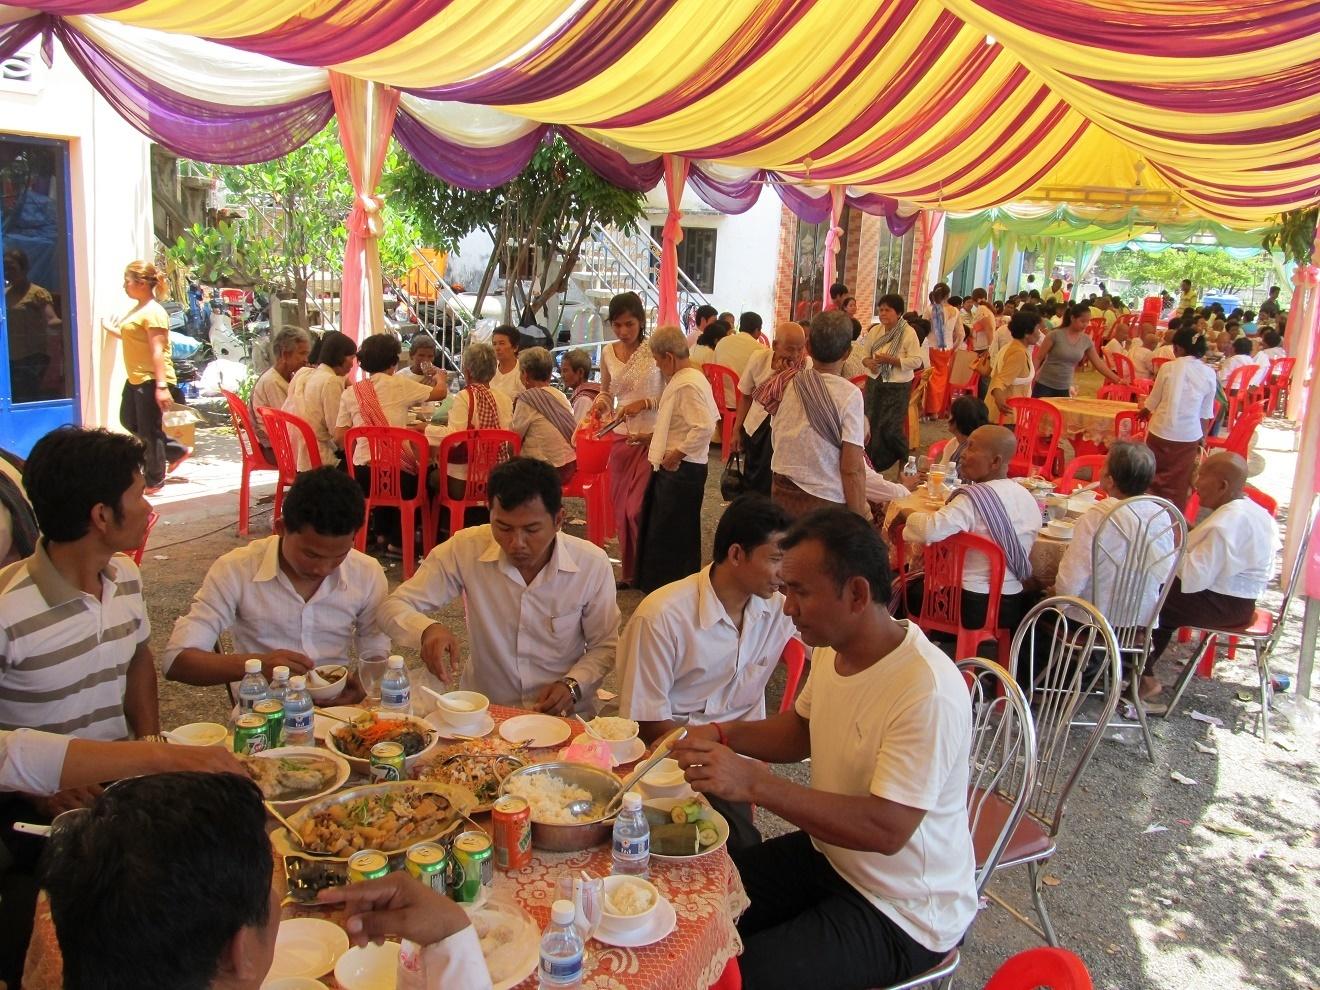 Oslava svátku Vesak u Starého Učitele - Kambodža